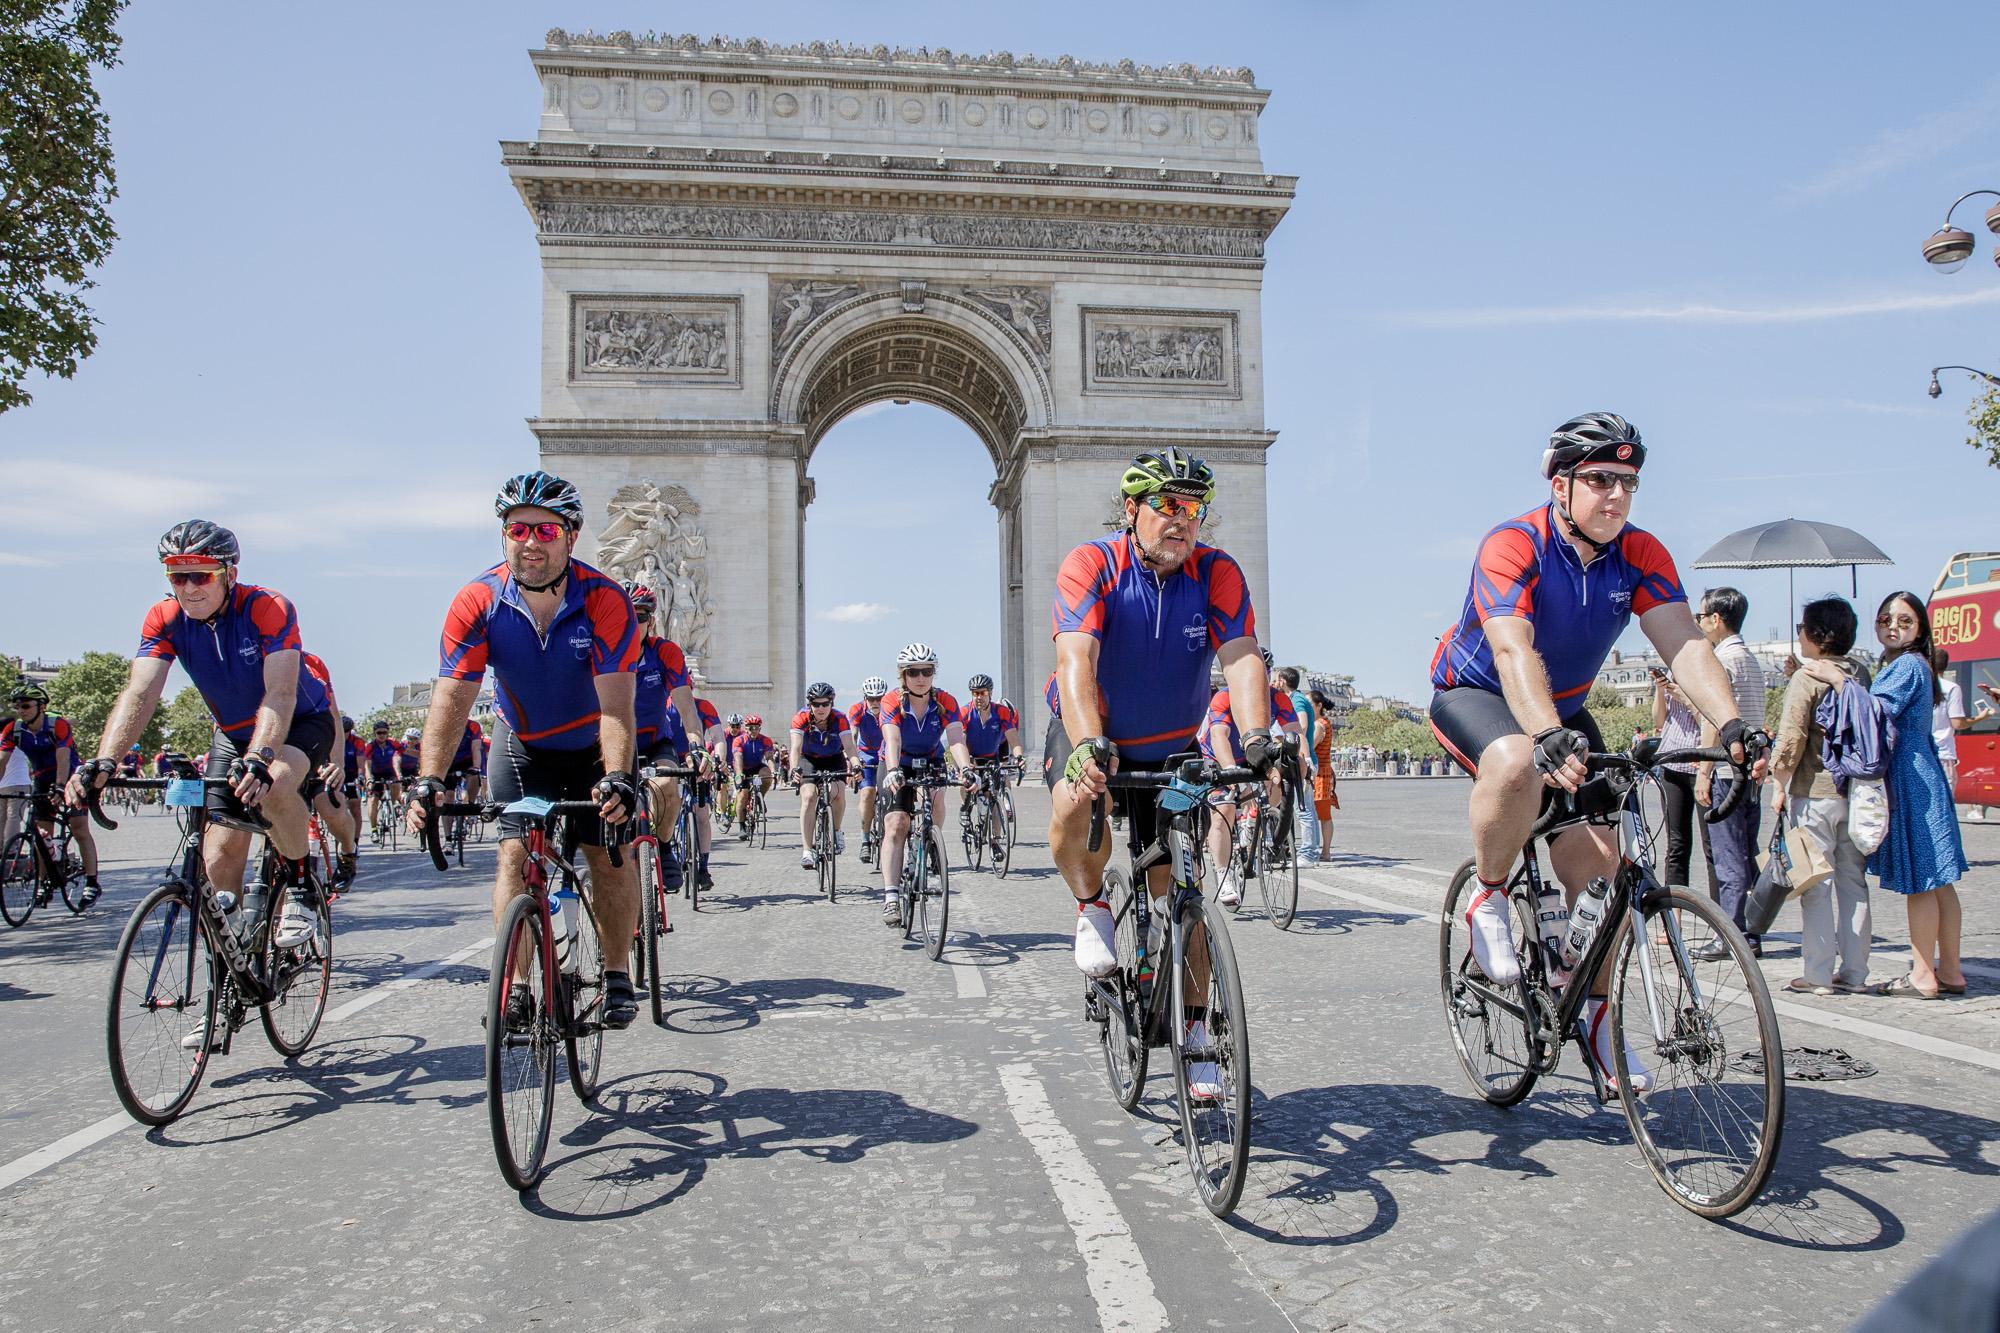 London to Paris Cycle Challenge 2018 - Arc de Triomphe